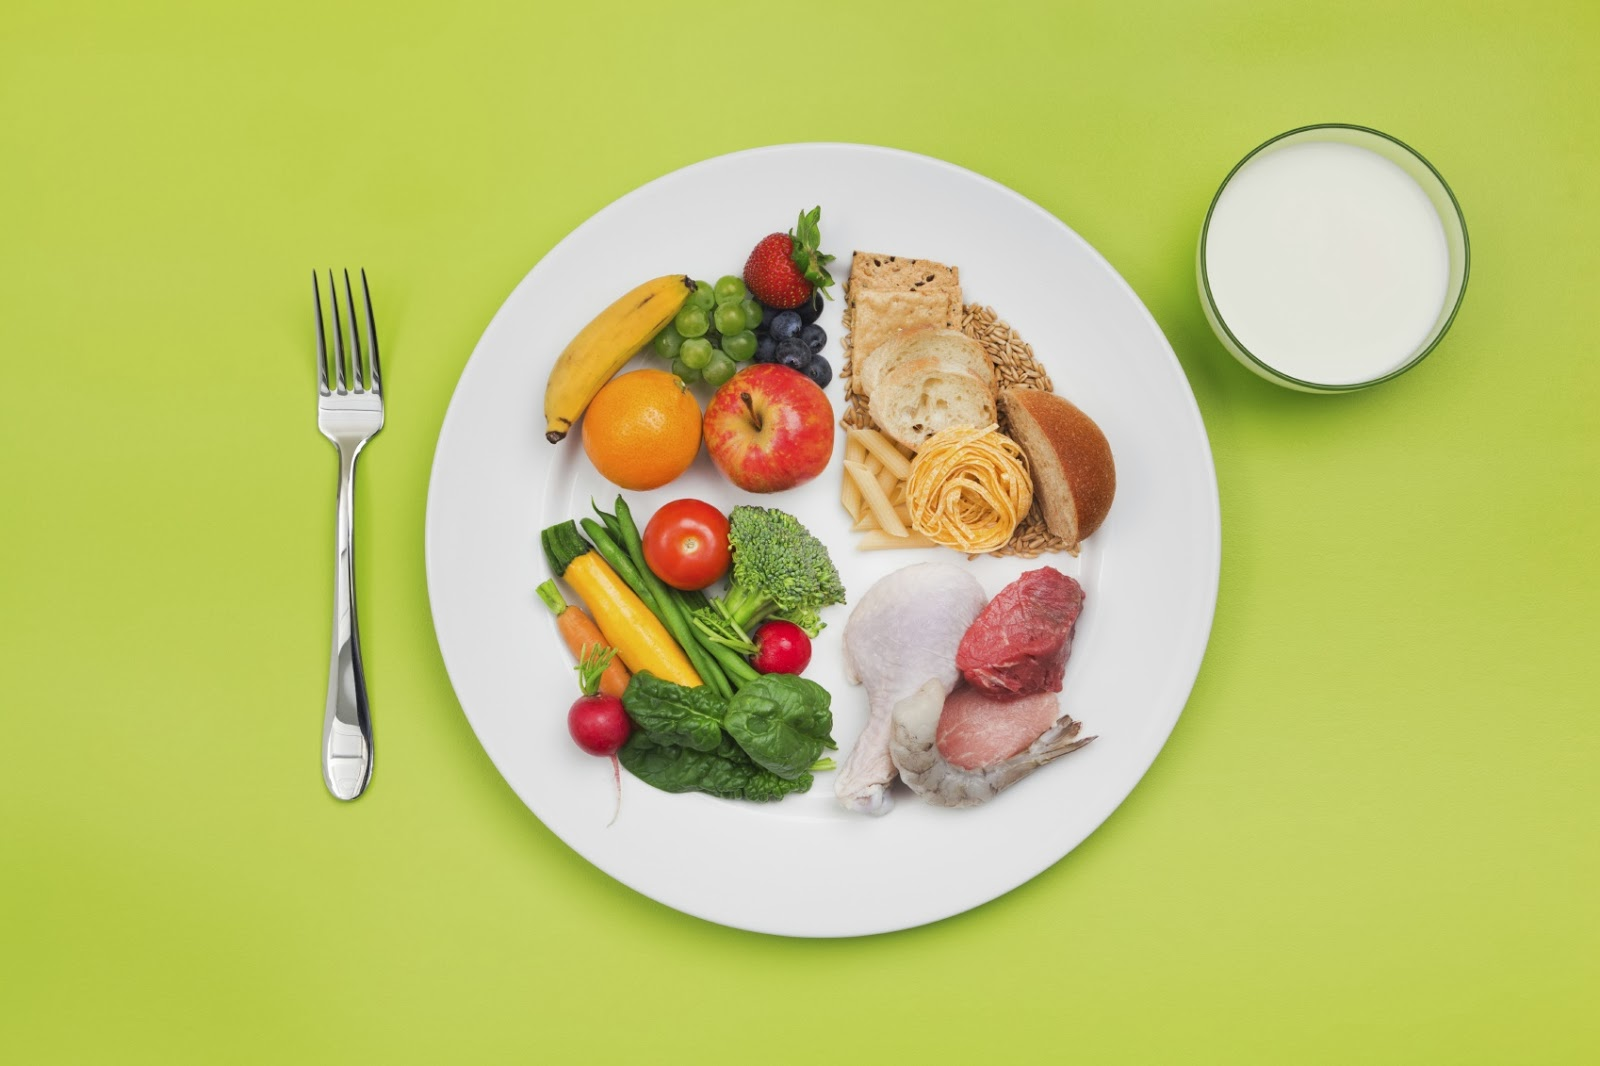 Μηνιαίο πρόγραμμα υγιεινής διατροφής για τα παιδιά